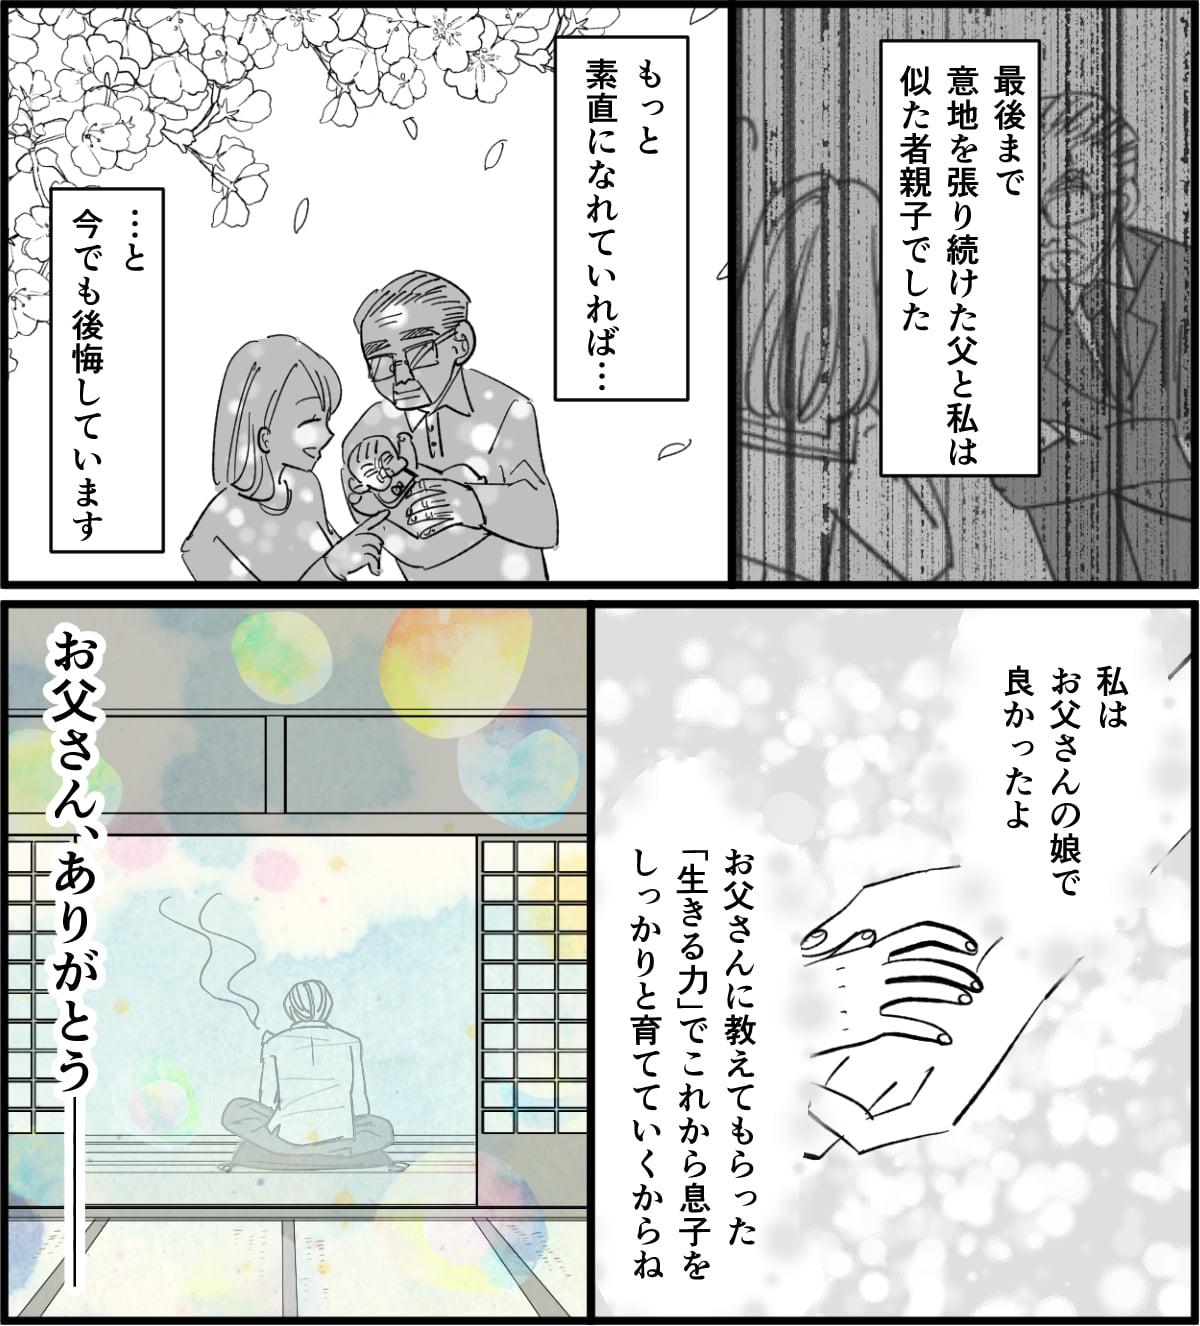 気付けなかった、父の本当の愛情【後編】